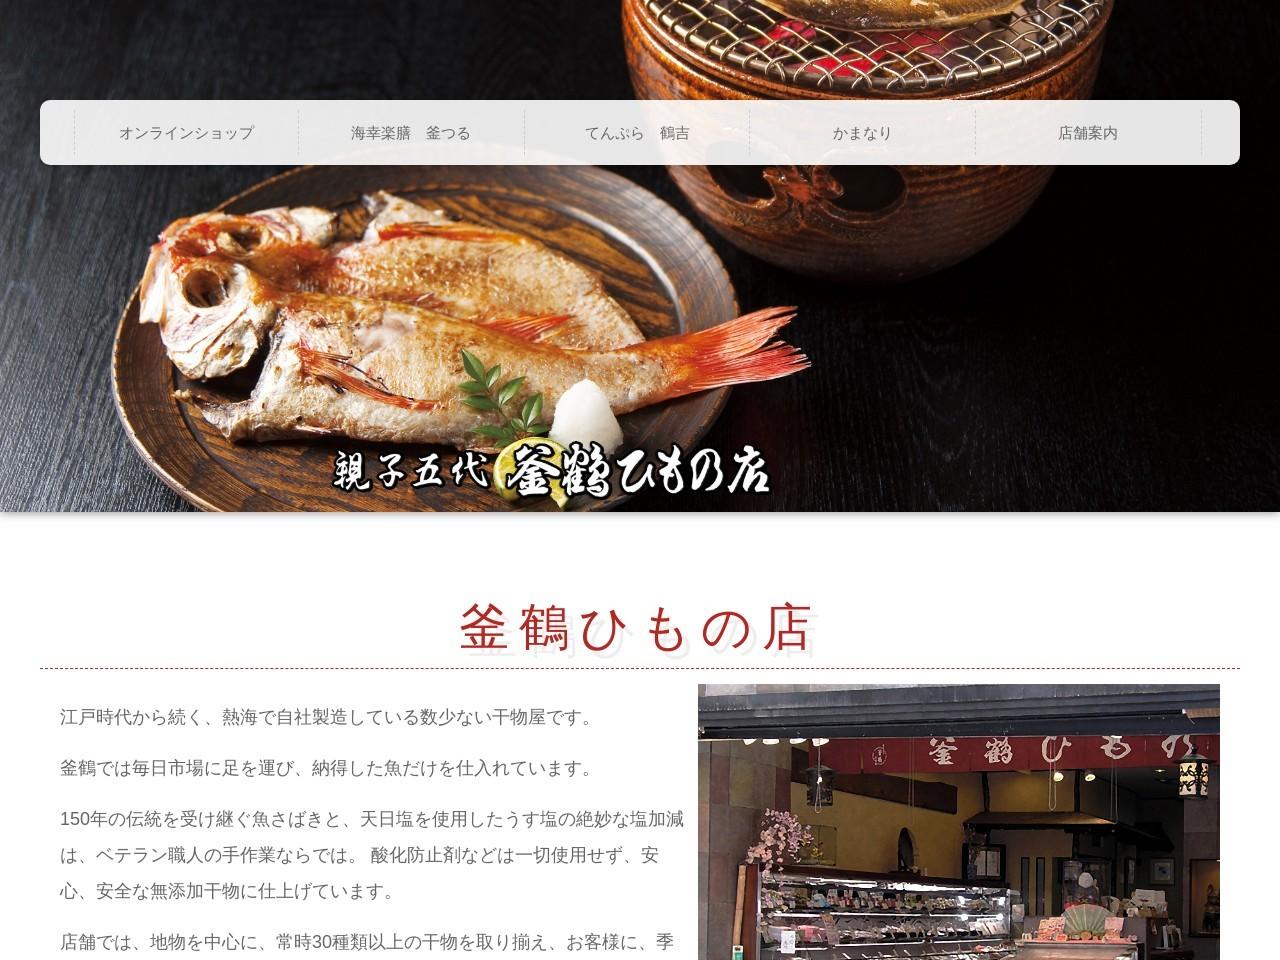 釜鶴ひもの店/熱海の老舗 こだわり干物を自社製造 販売 通販